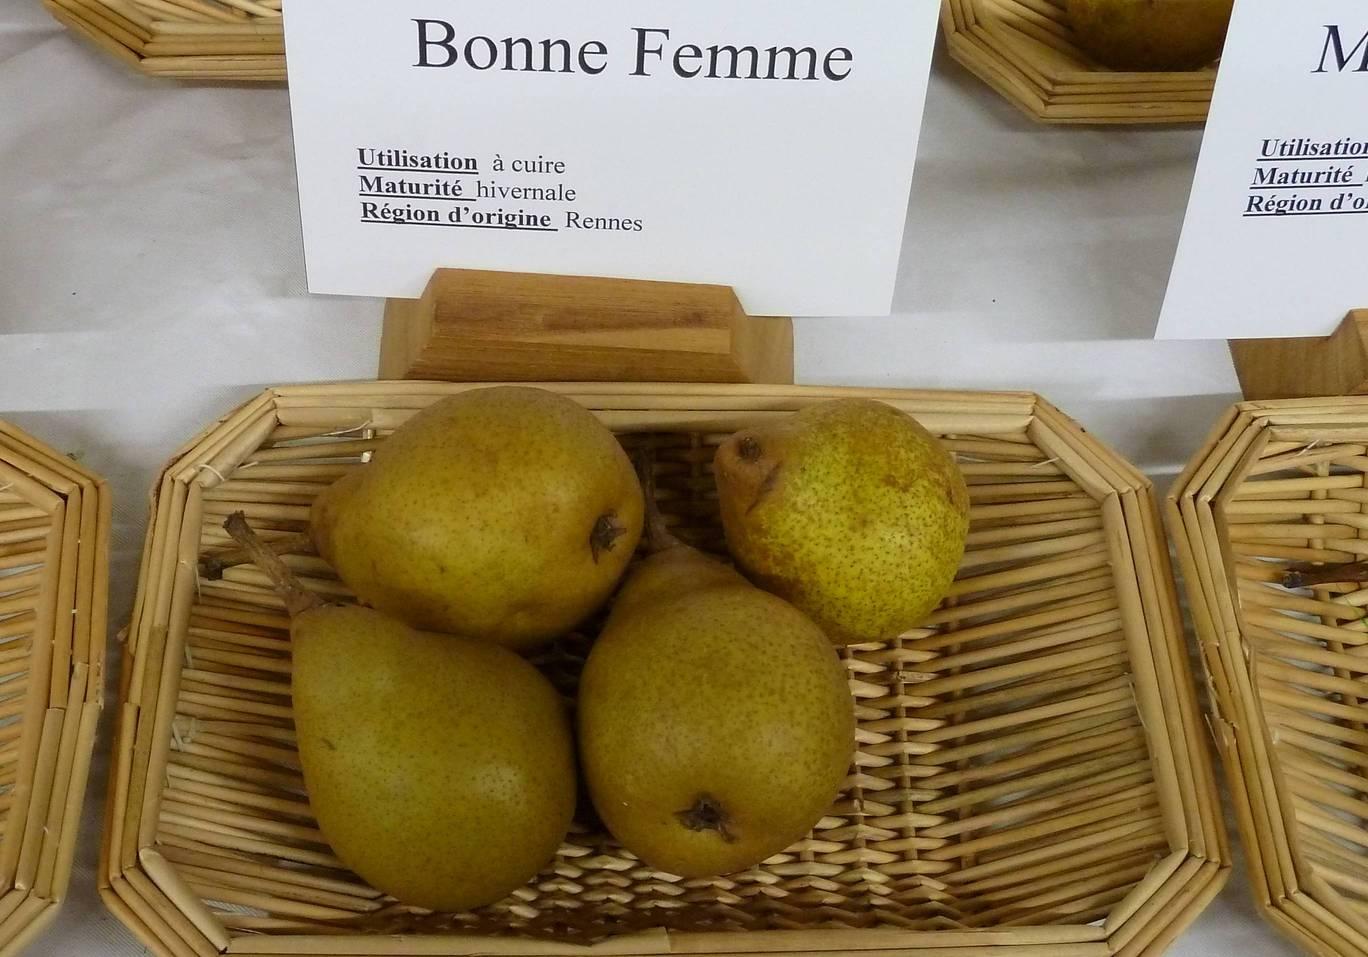 Quelques poires cuire association les mordus de la pomme - Peut on congeler des poires ...